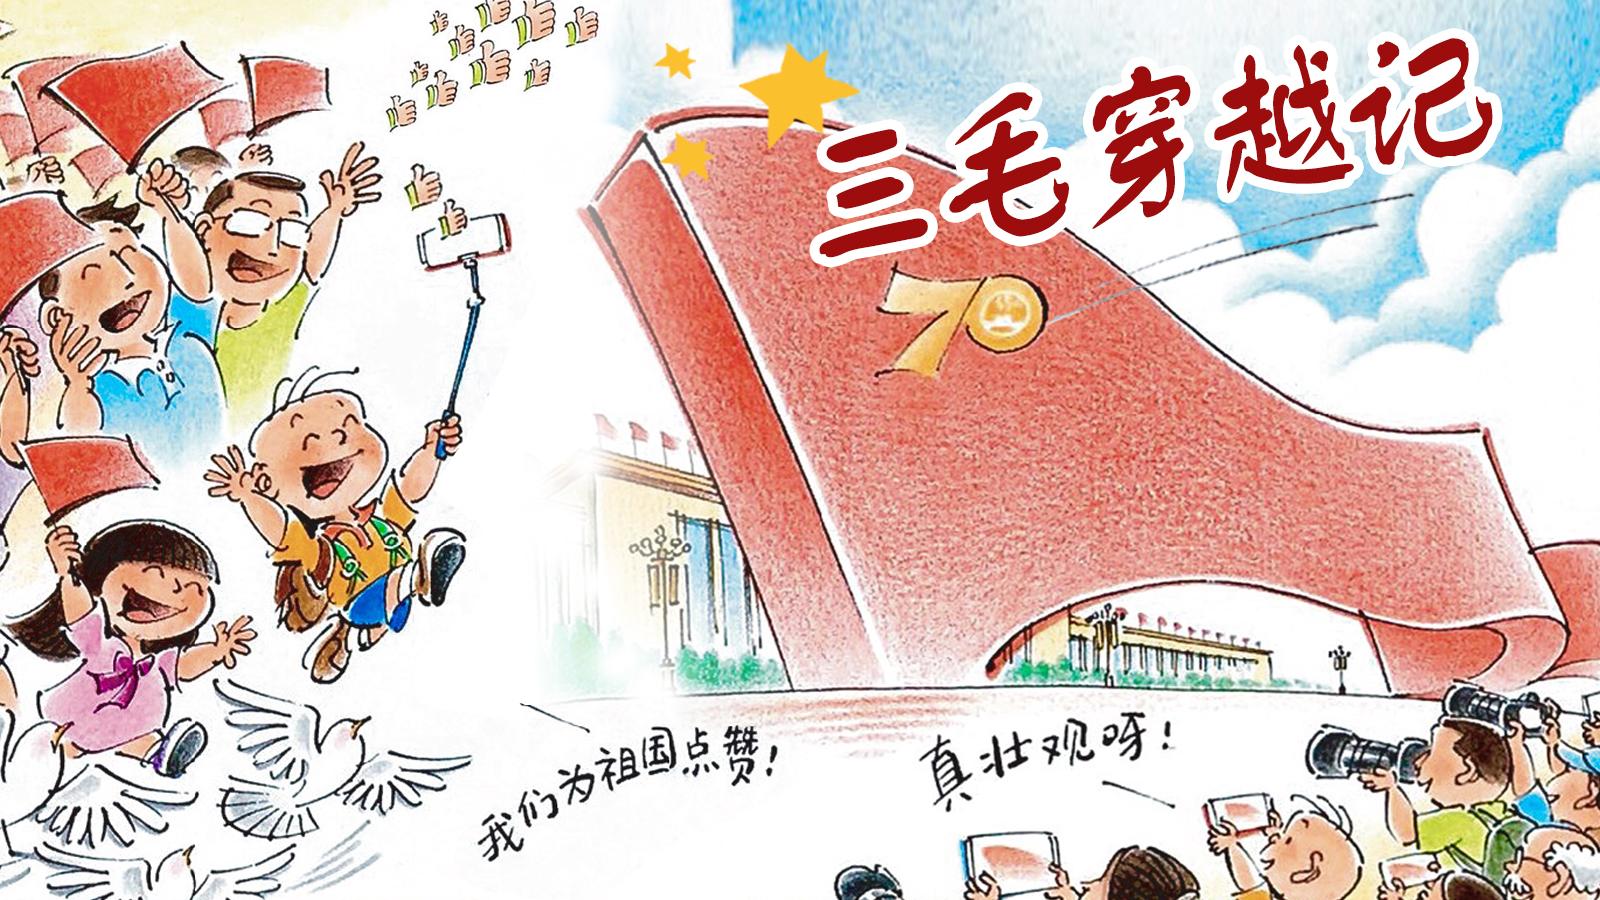 今天,三毛受邀参加国庆大阅兵观礼!他特意选择从上海这里出发 | 三毛穿越记30